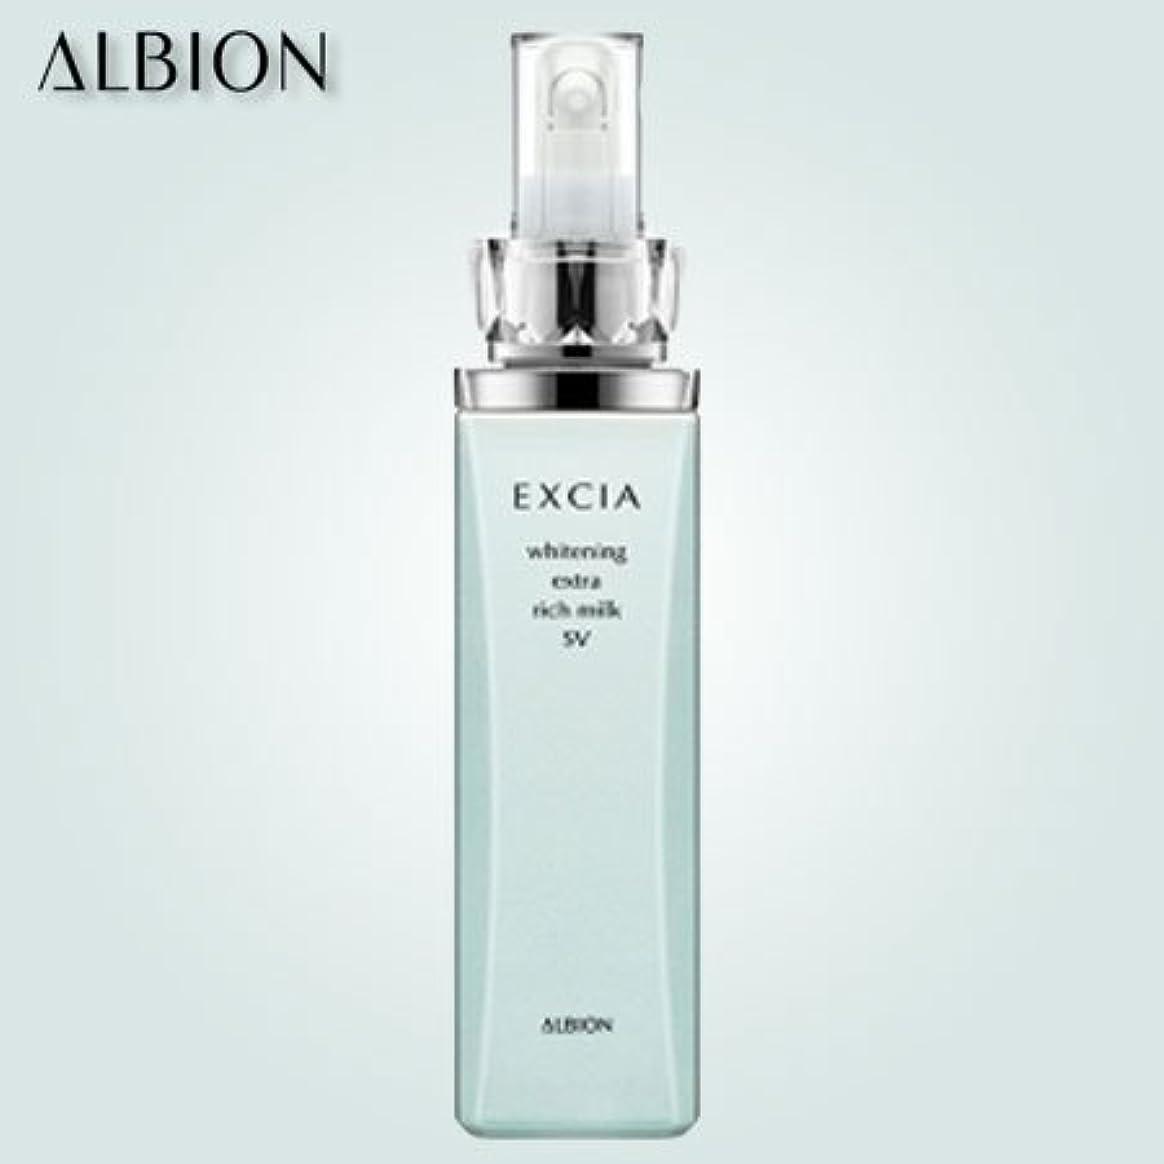 研究所一部突き出すアルビオン エクシアAL ホワイトニング エクストラリッチミルク SV(ノーマル~ドライスキン用)200g-ALBION-